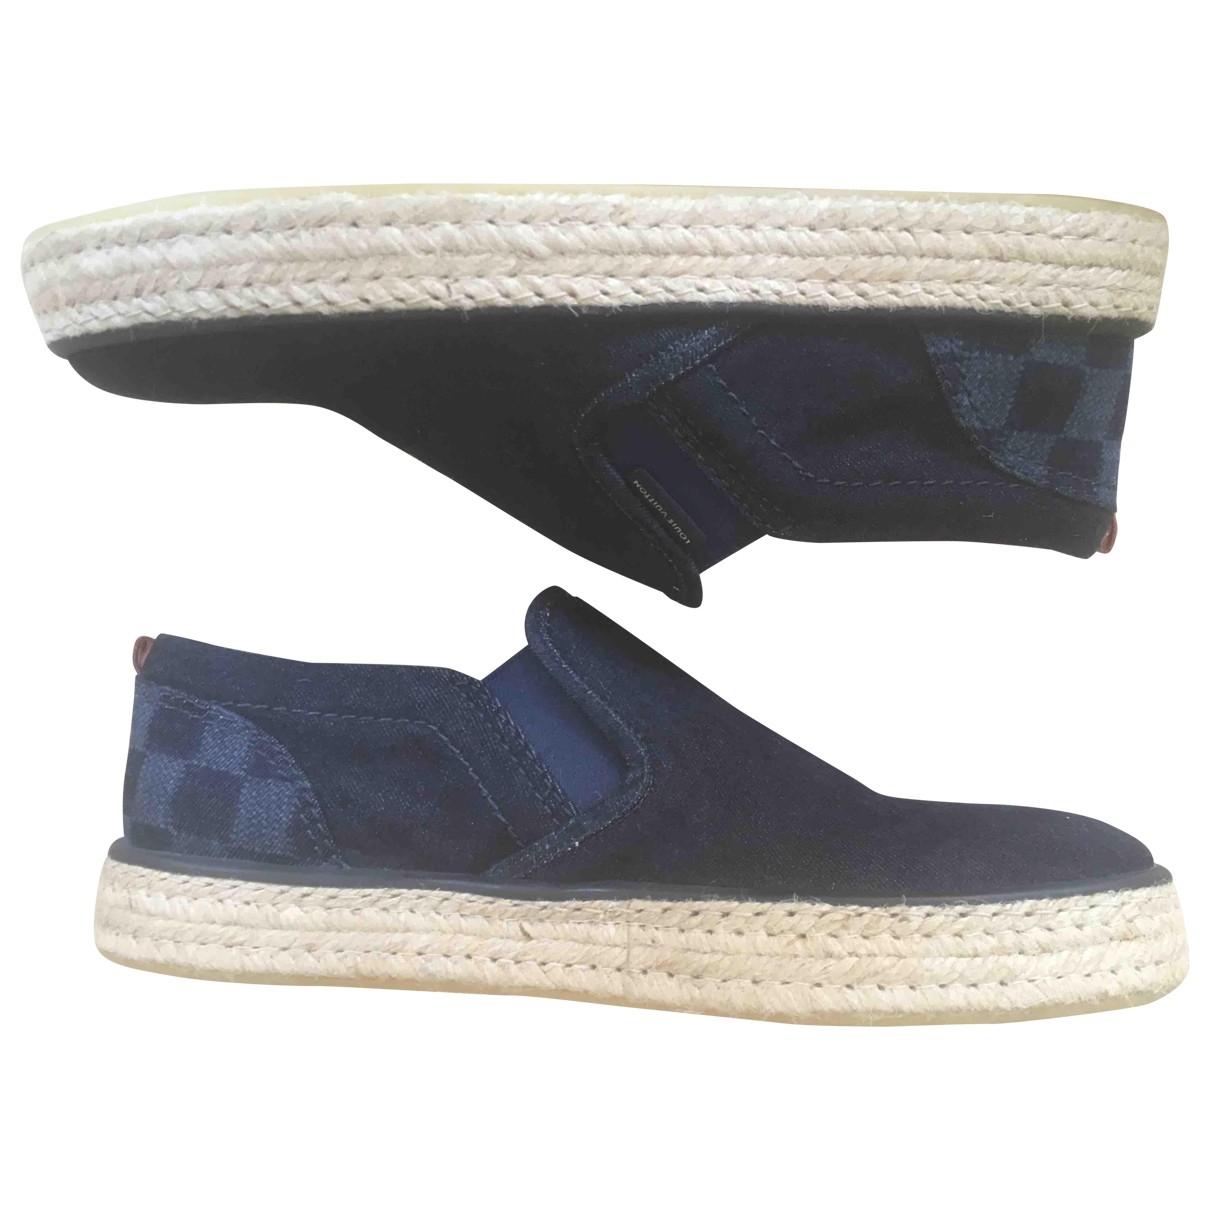 Louis Vuitton - Baskets   pour homme en toile - bleu